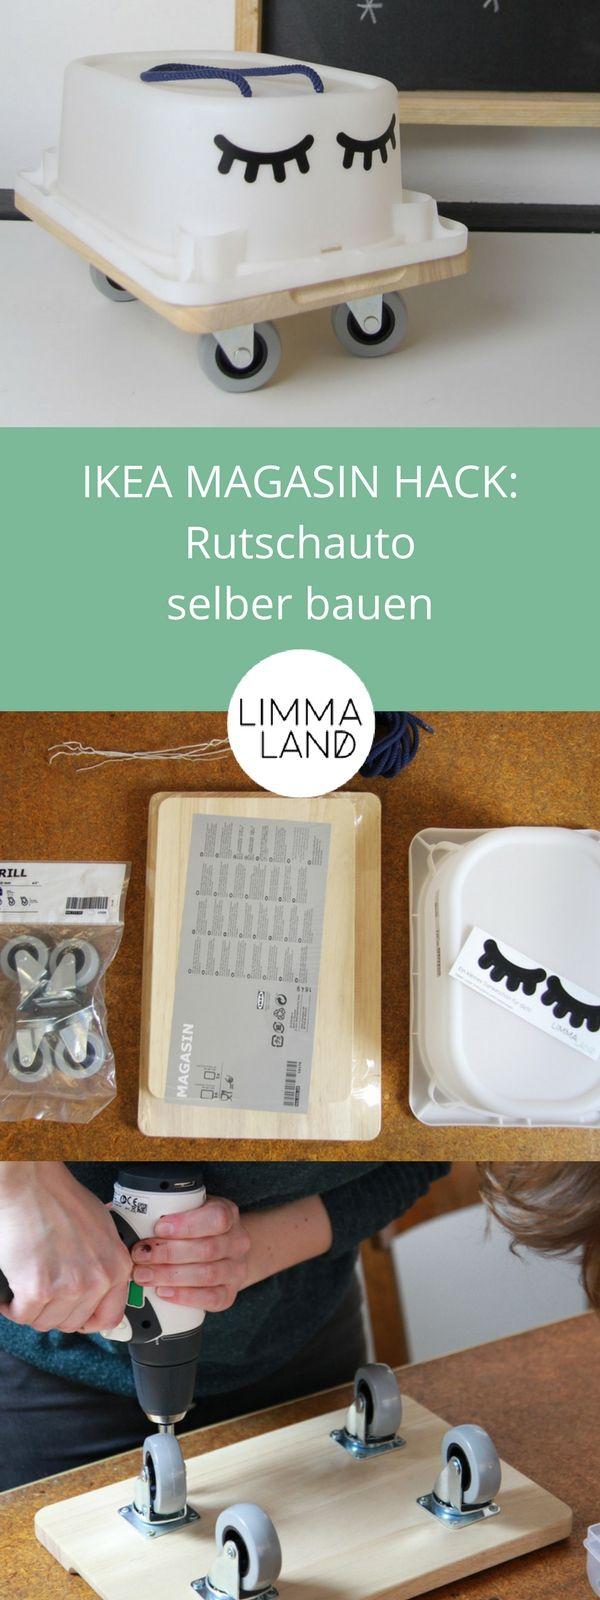 Rutschauto selber bauen für Kinder | DIY - Ikea hacks | Pinterest ...